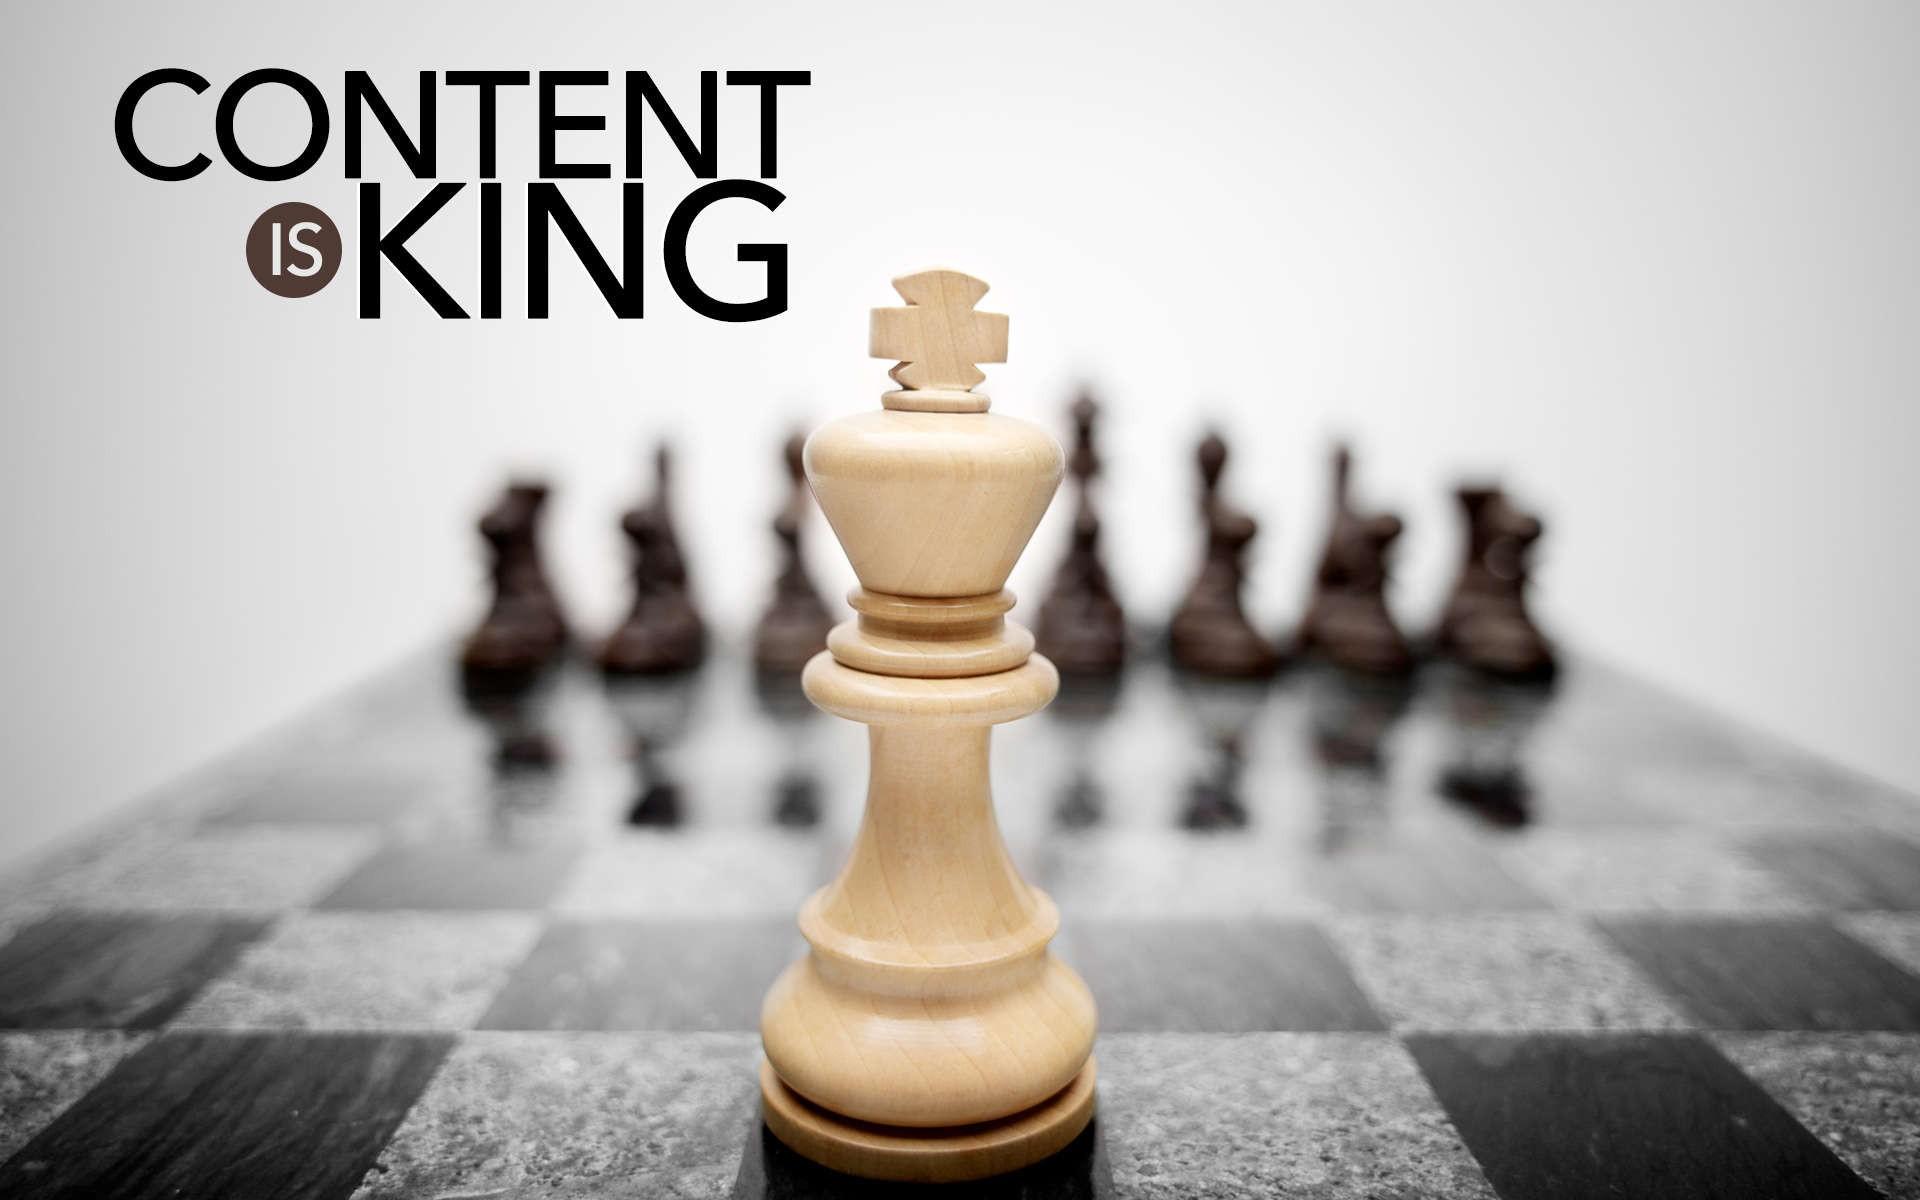 giới thiệu nhà hàng - content is king